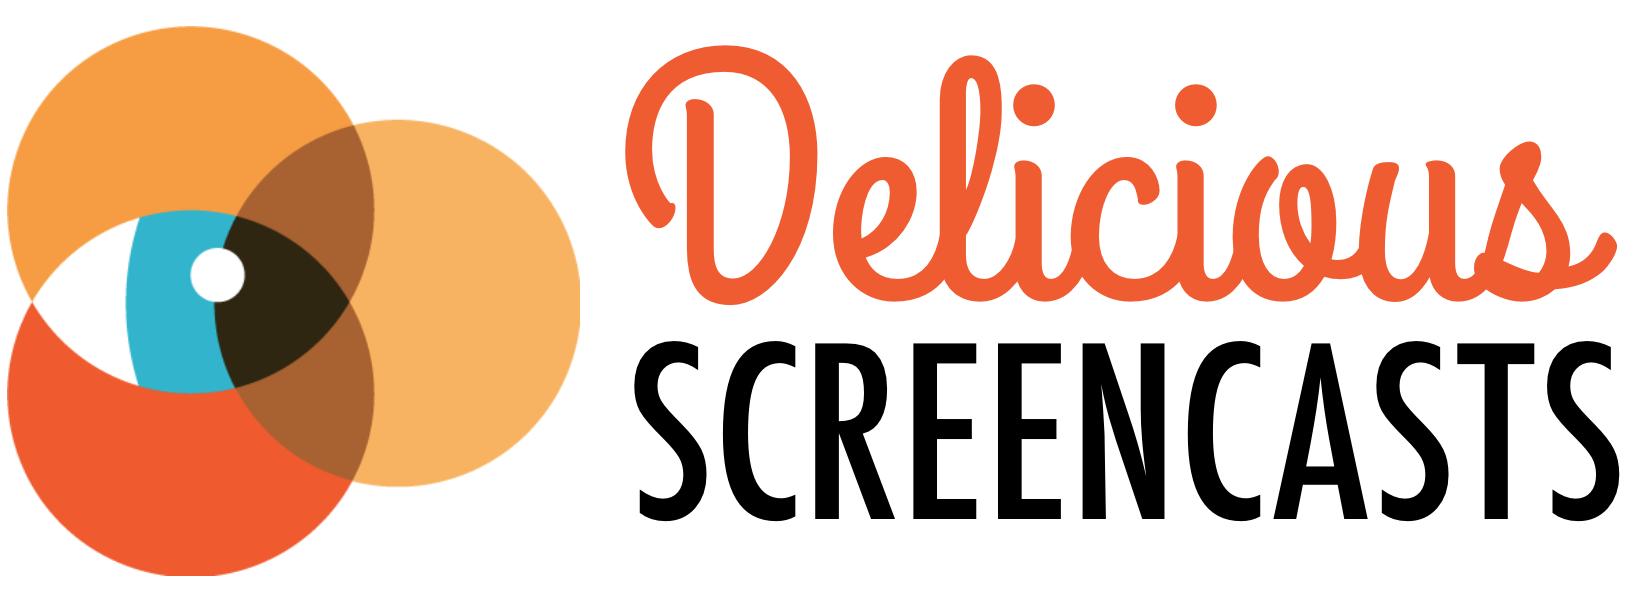 Delicious Screencasts